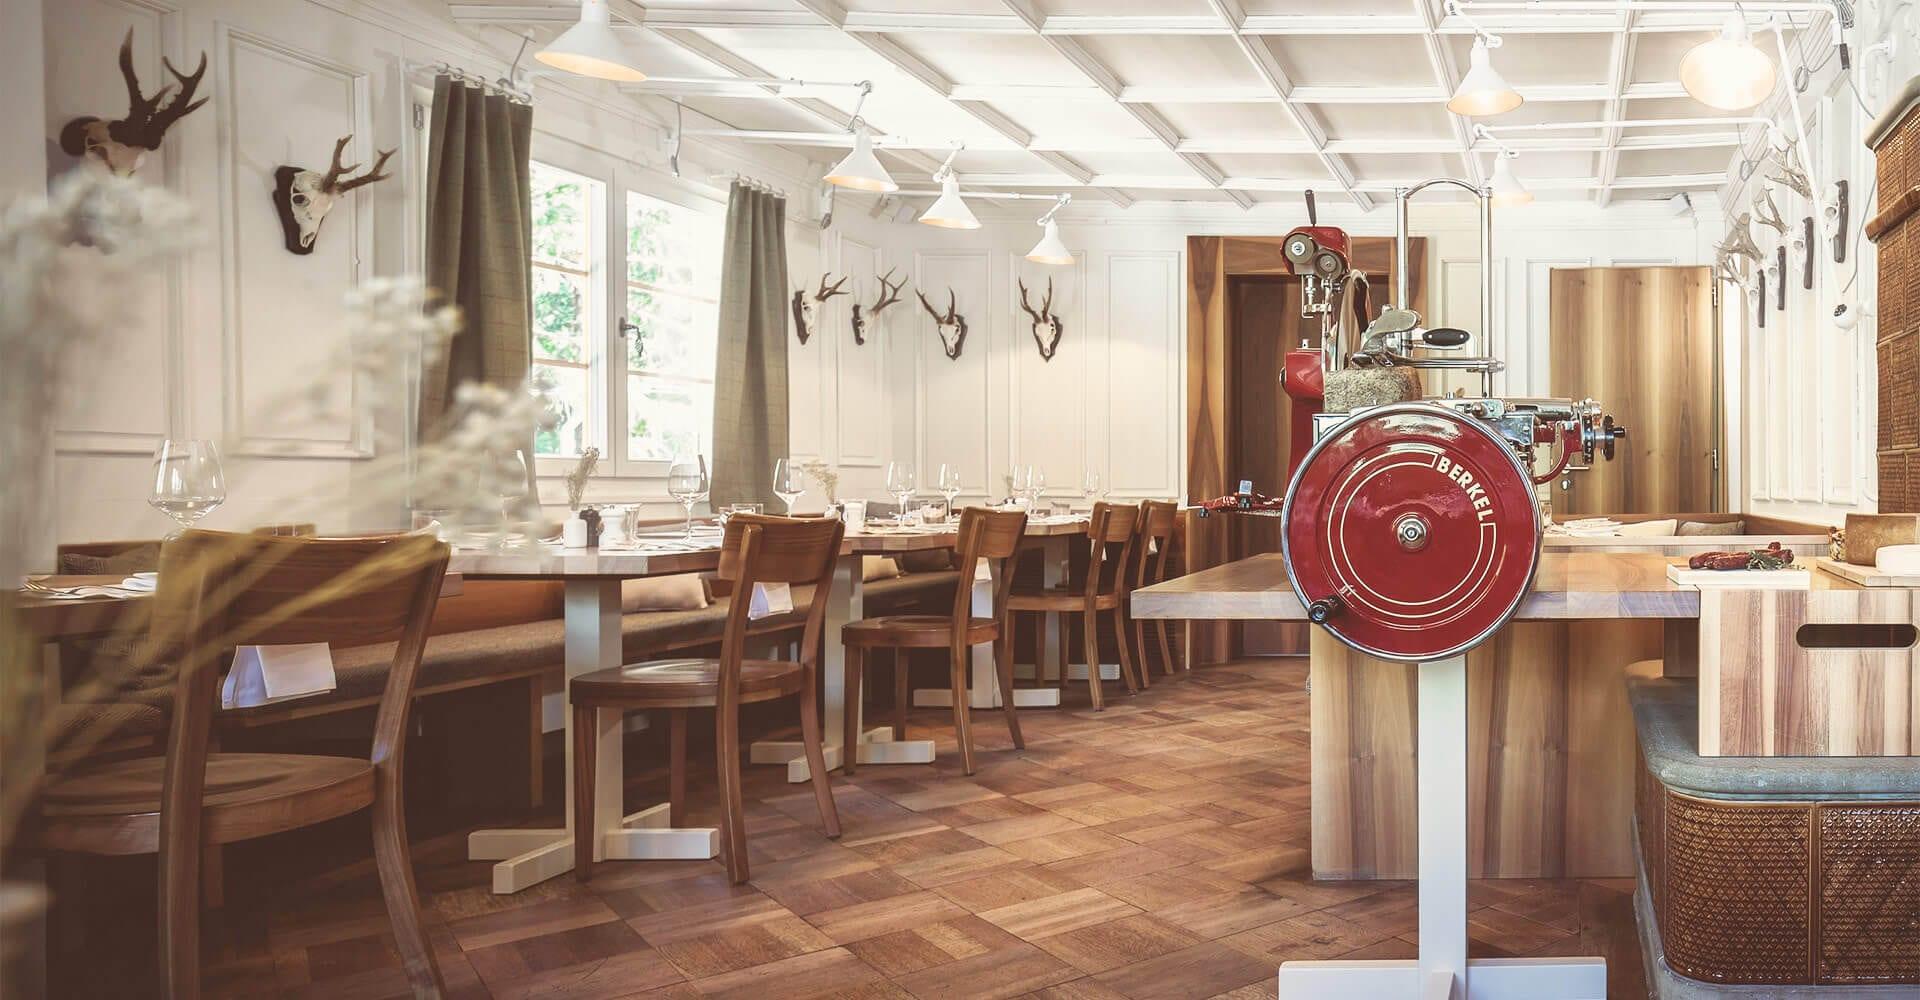 cervohotel-restaurant